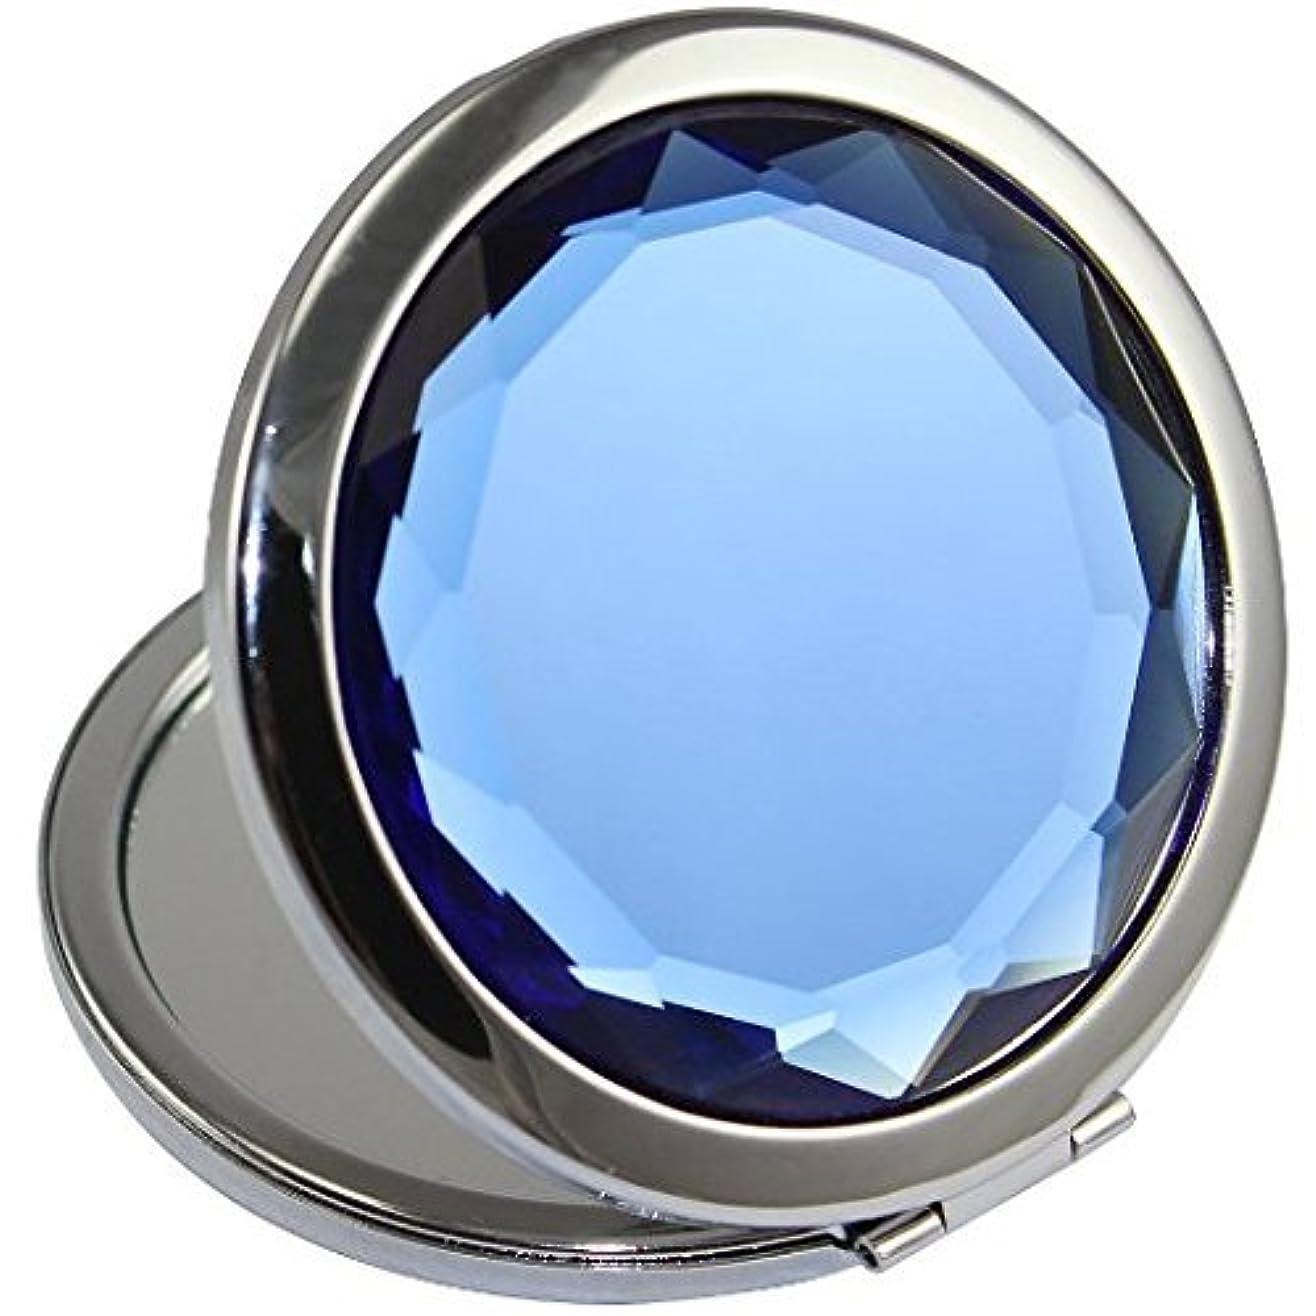 便宜ティーンエイジャーアルミニウムKOLIGHT両面(片面はノーマル、もう片面は拡大)折りたたみポケットメタルメイクコンパクトミラー女性コスメティックミラー(ブルー)